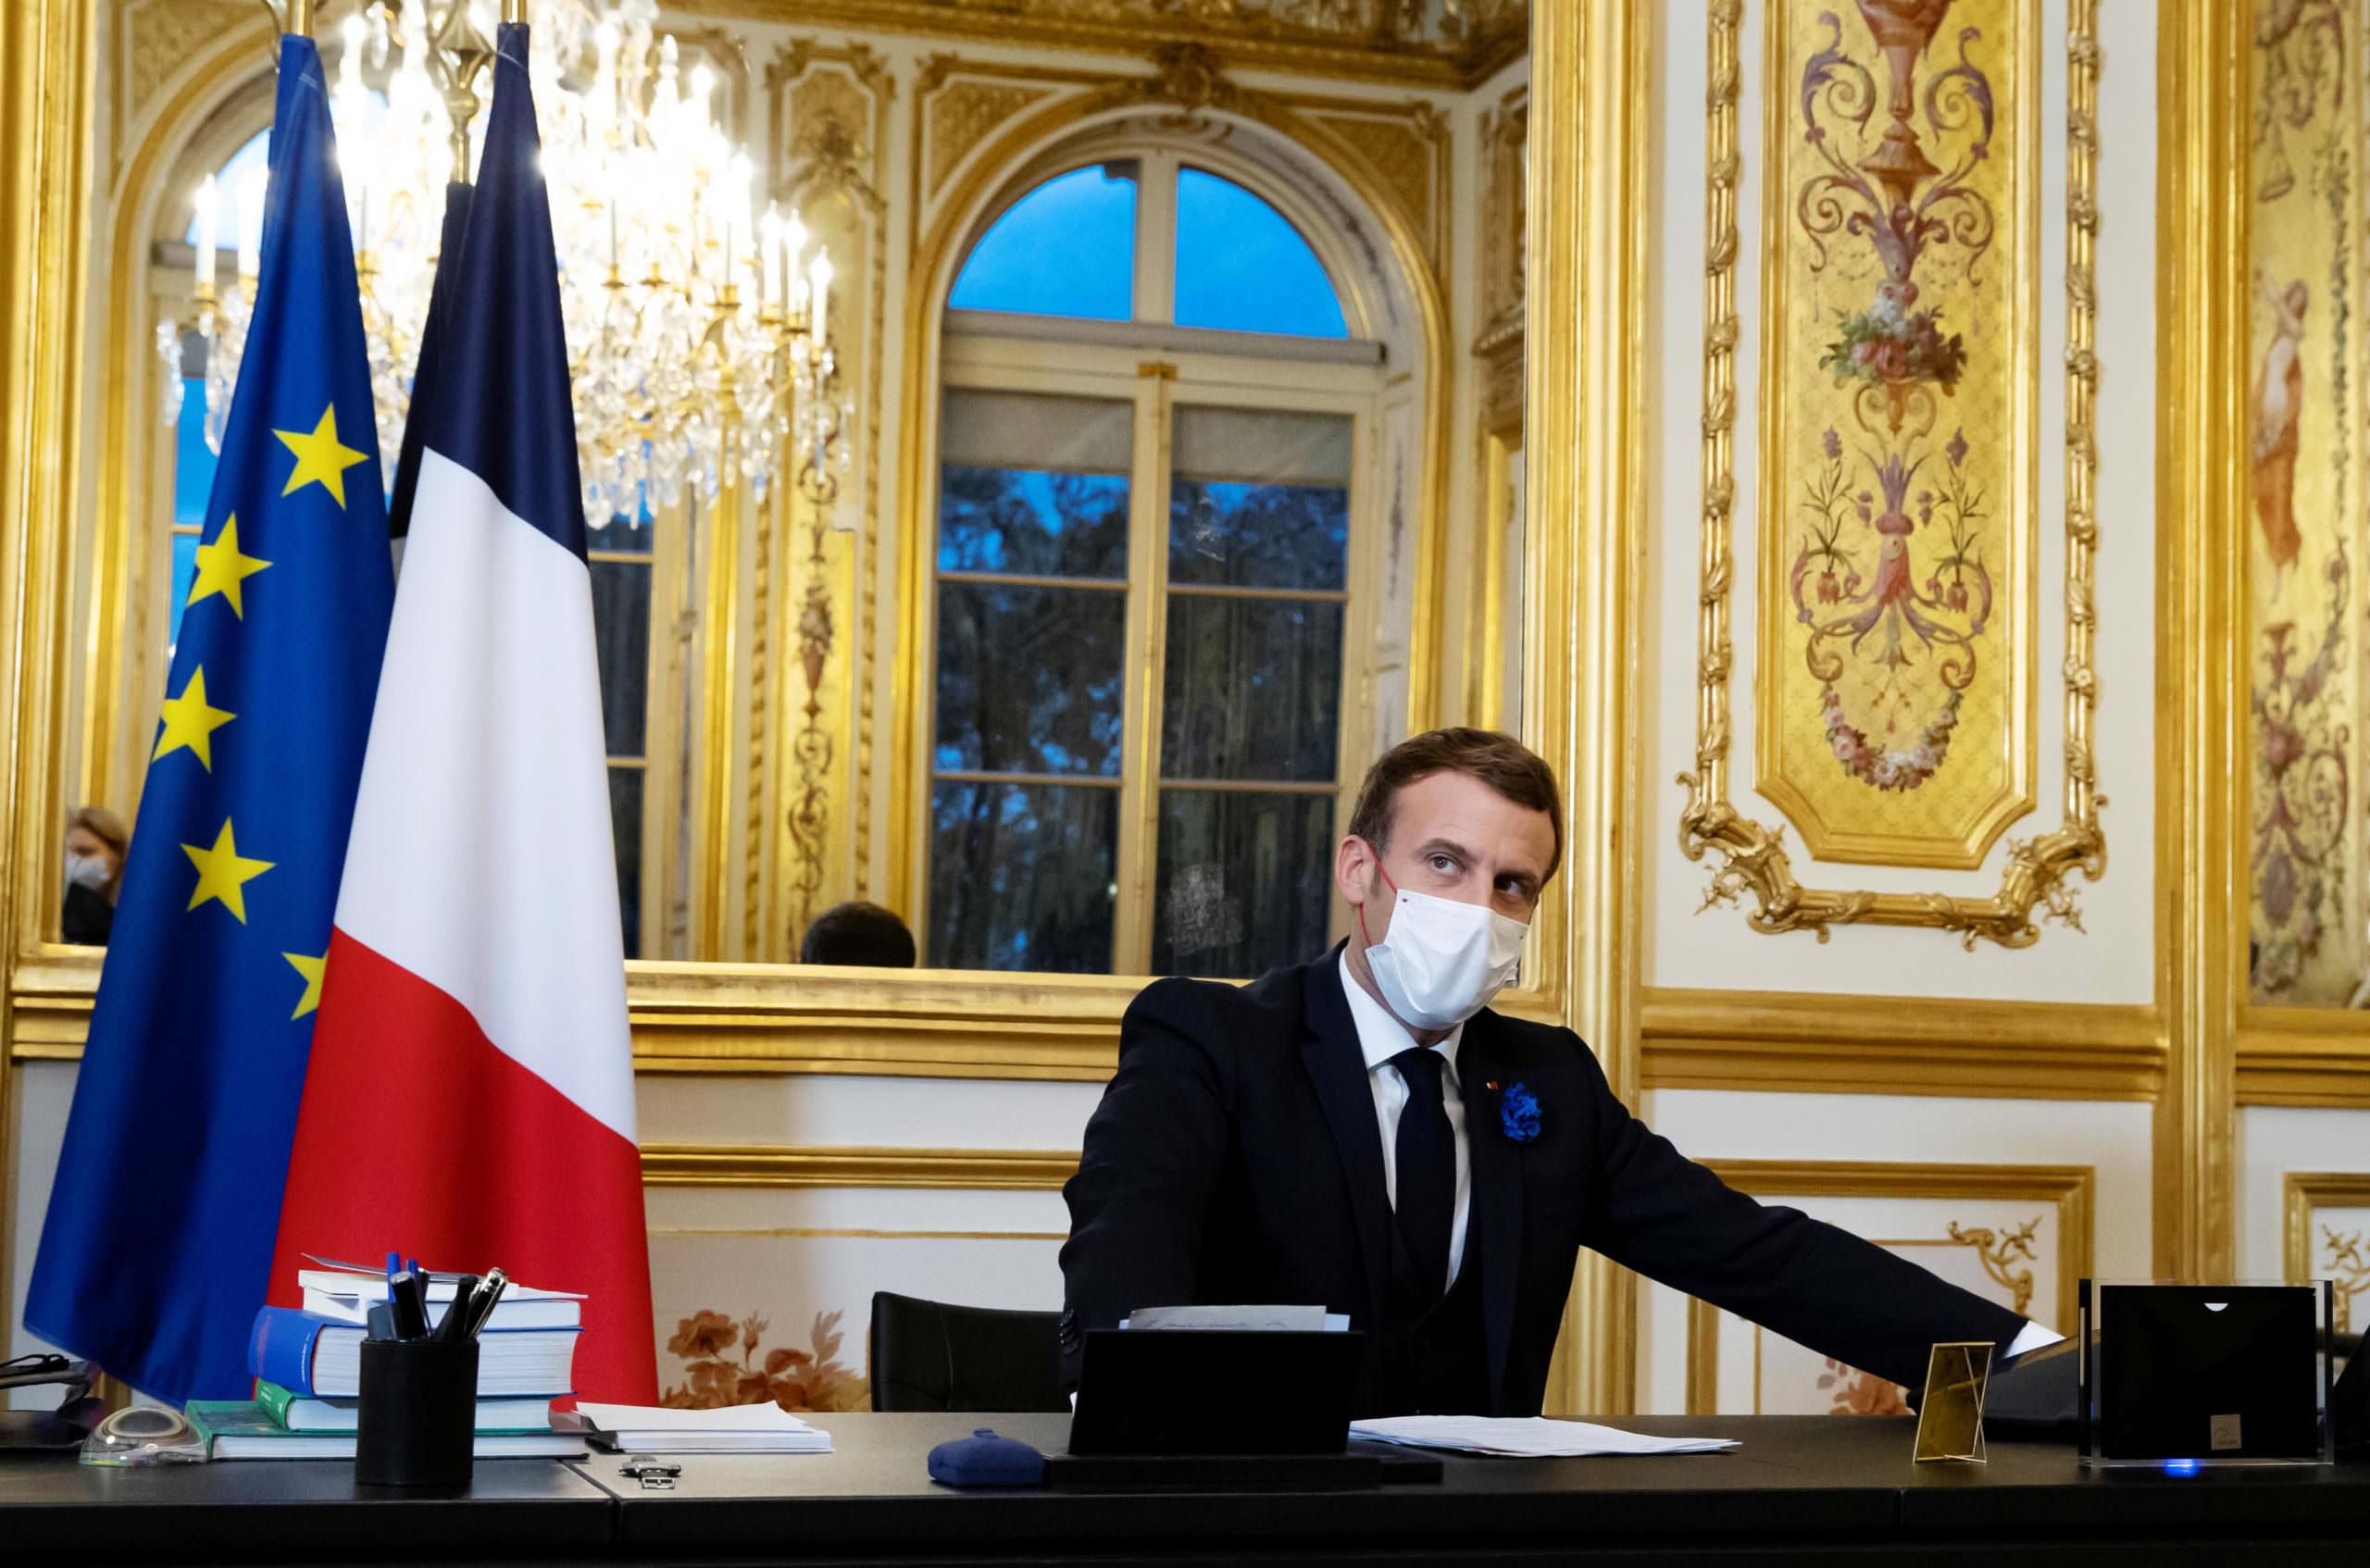 Macron da França busca acordo entre Airbus e Boeing em ligação com Biden, disse a fonte